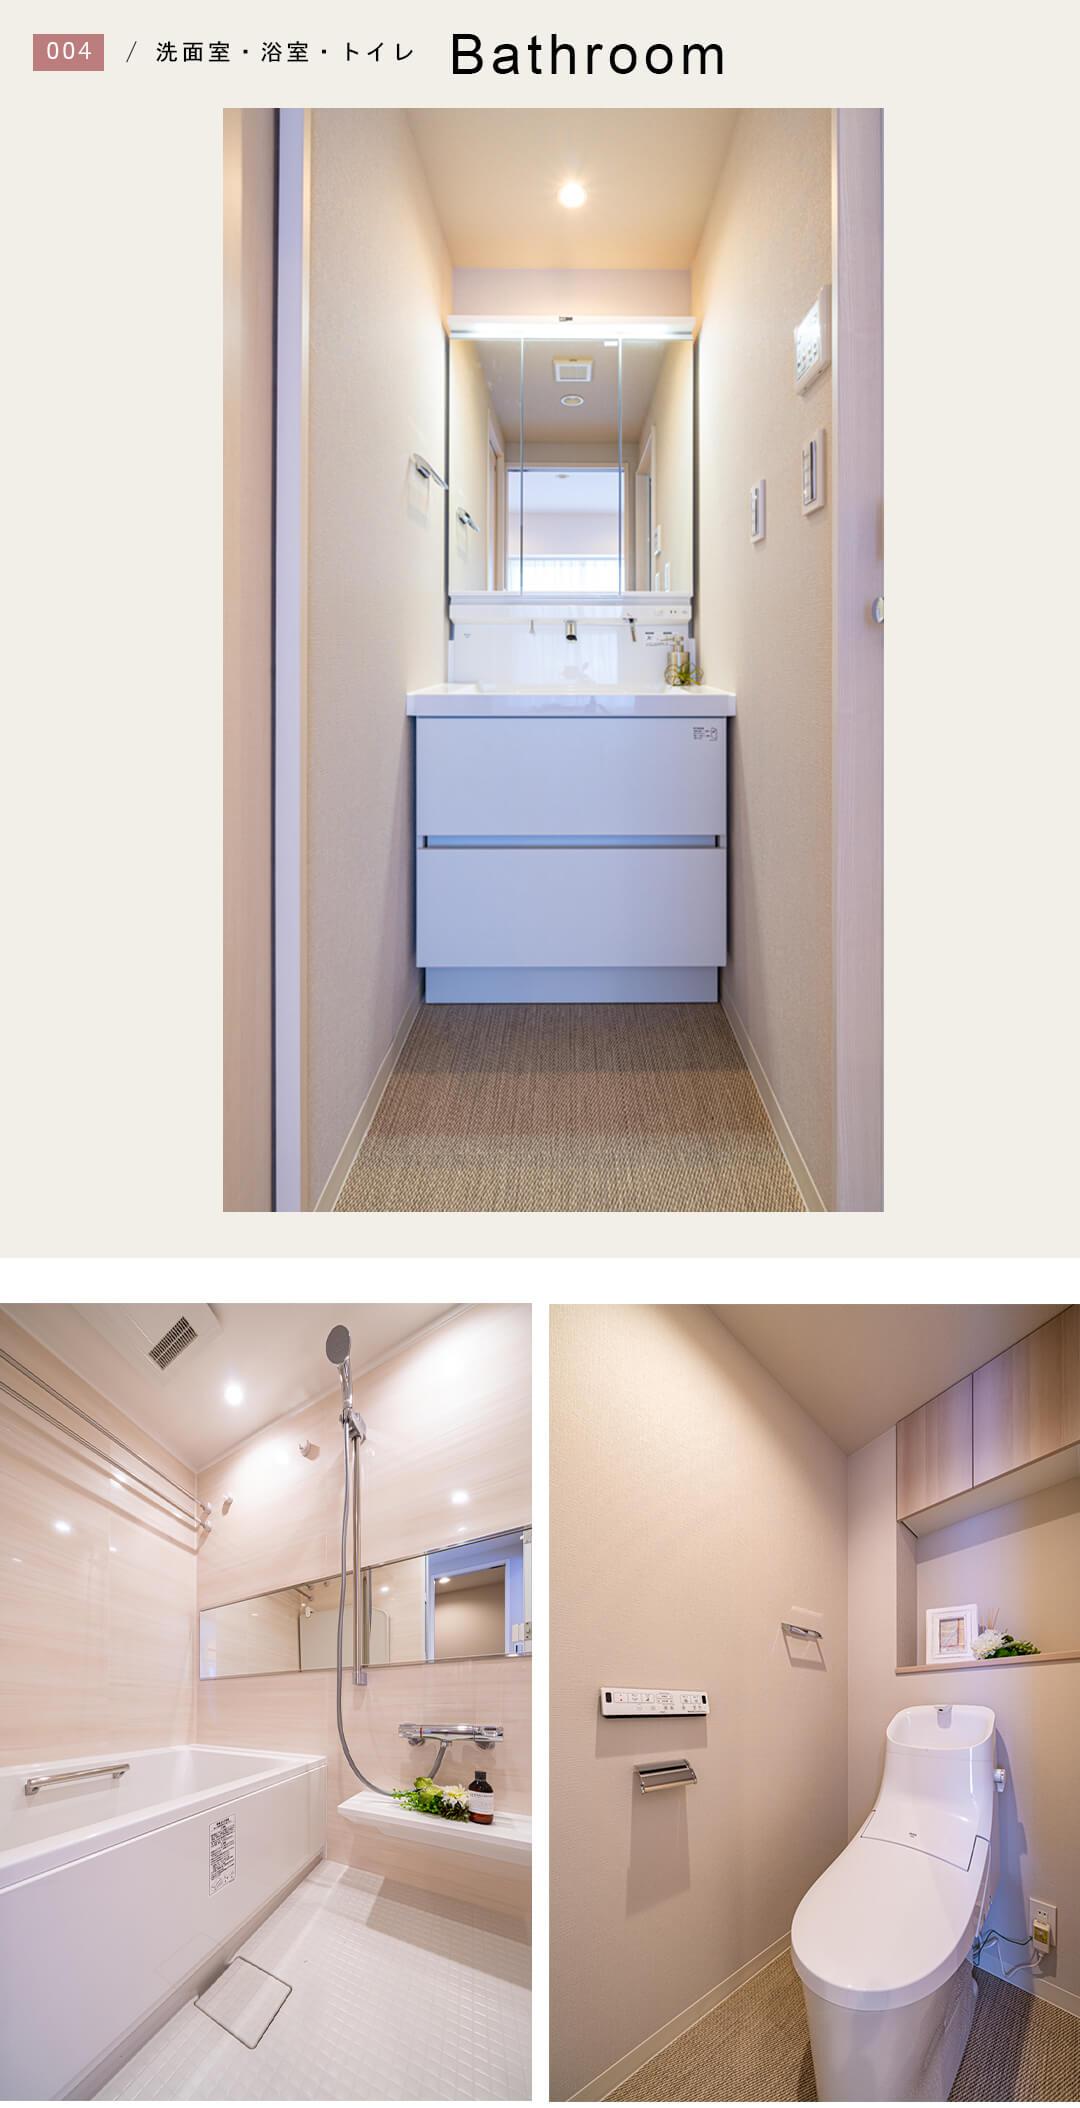 FeelM西新宿の洗面室と浴室とトイレ